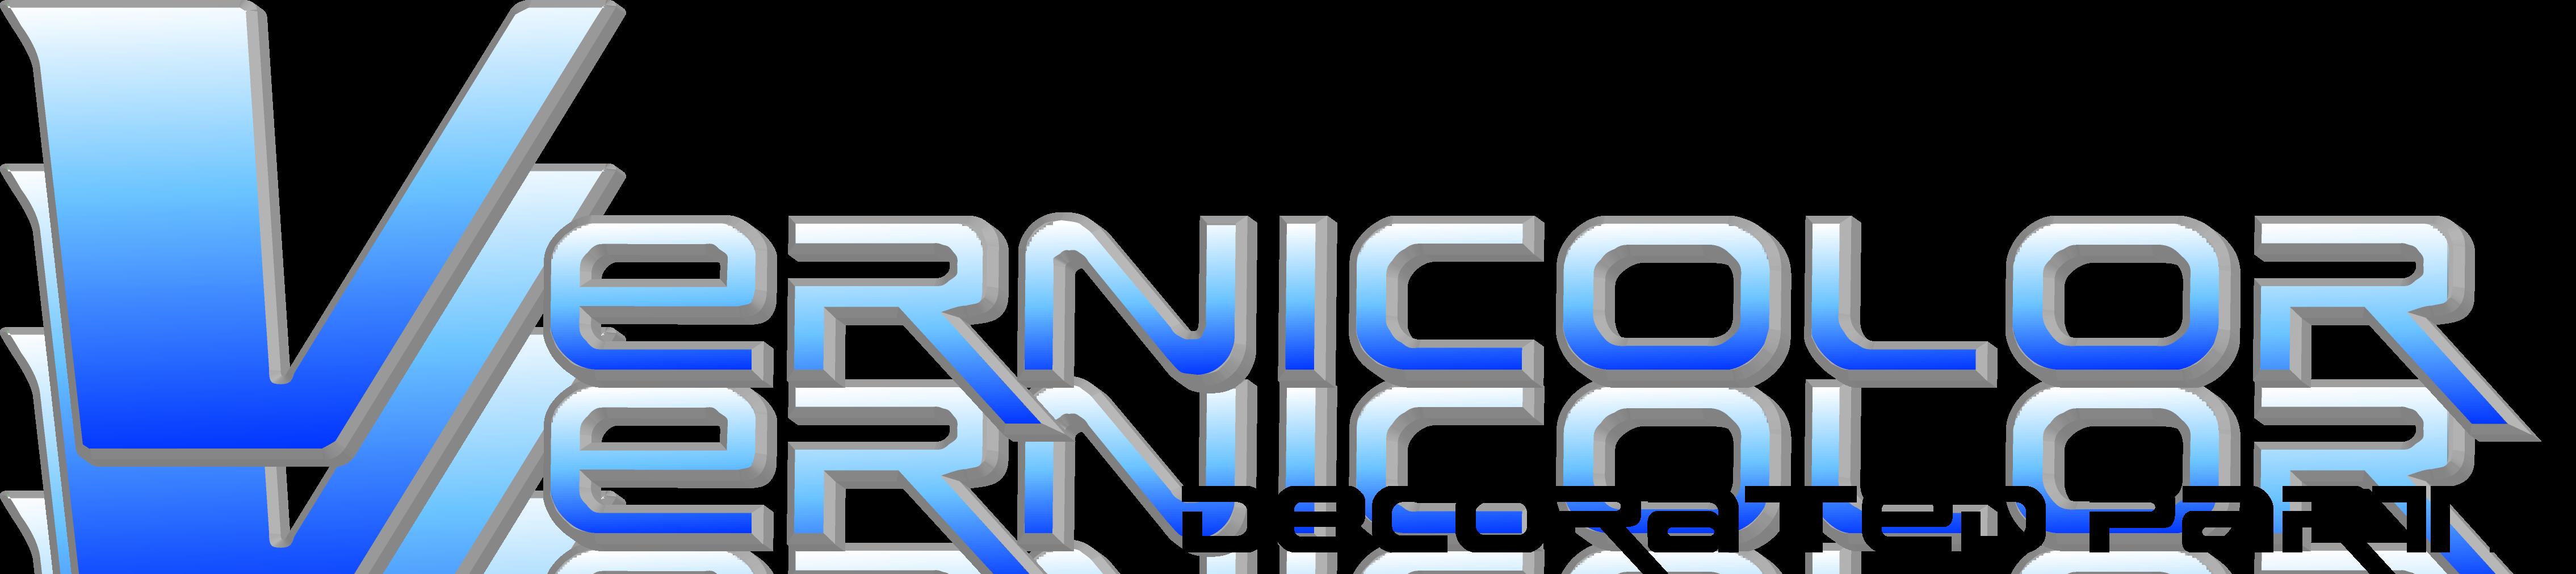 Vernicolor - Romania HD